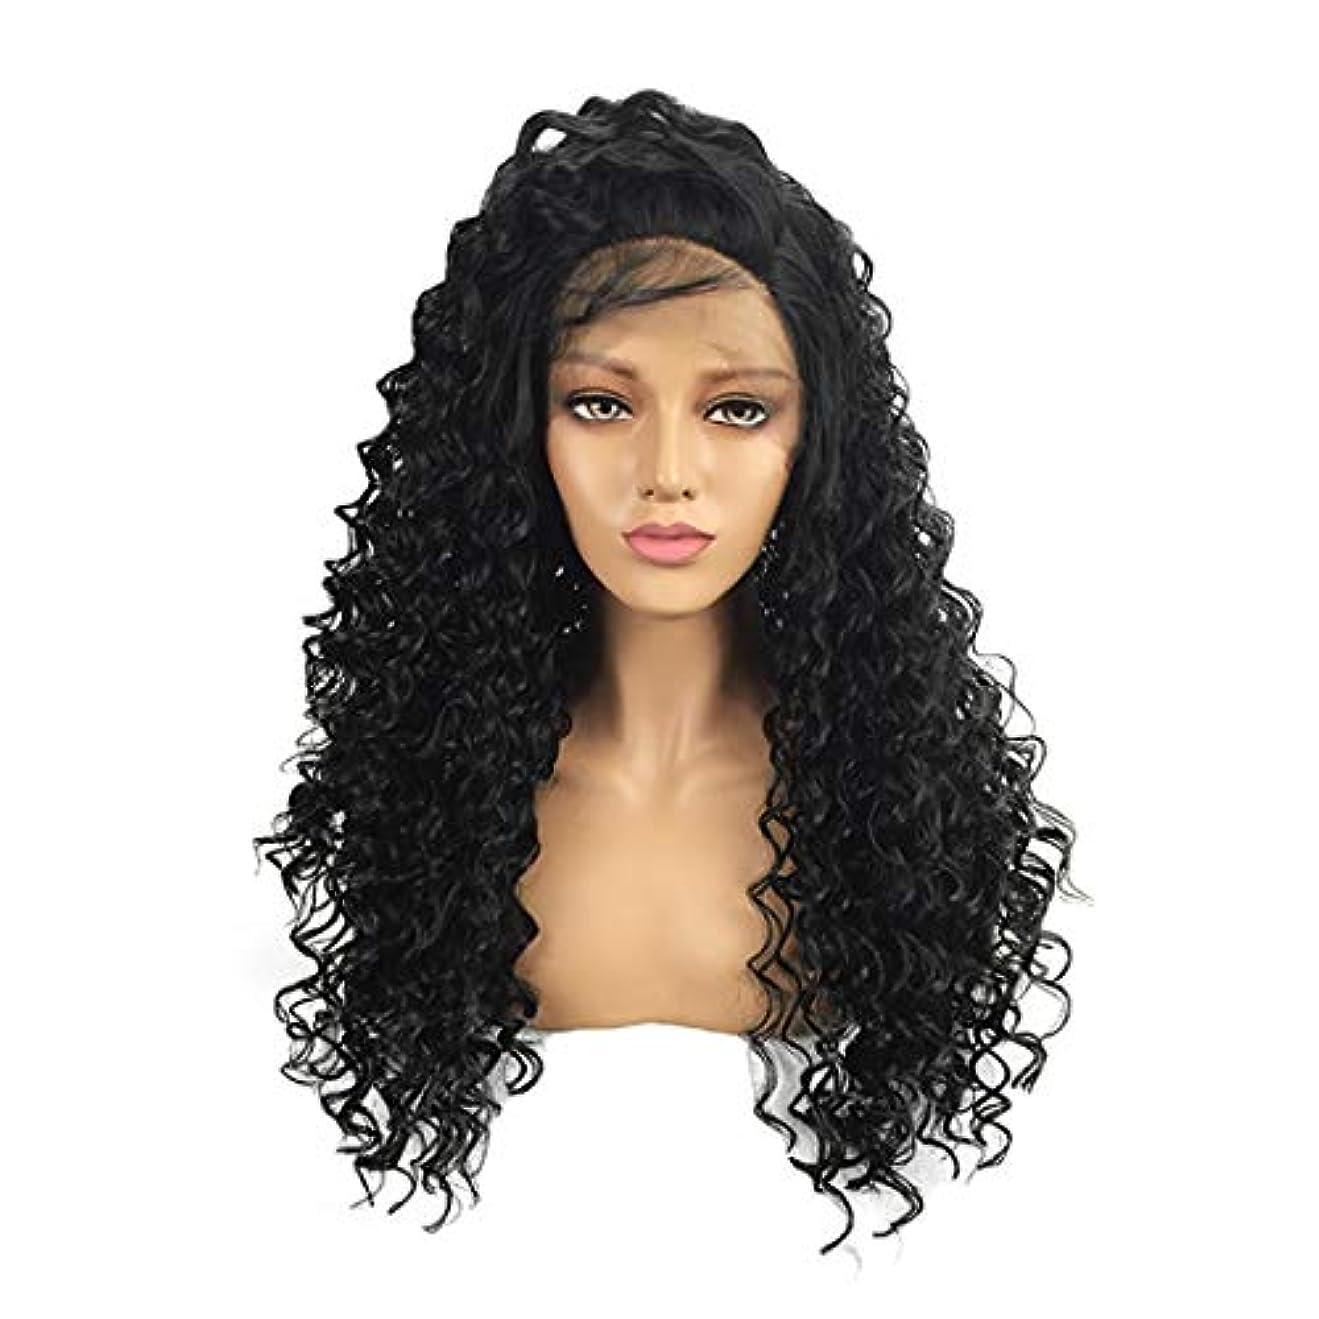 ラジカル季節香水Koloeplf 黒人女性用レースフロントウィッグカーリーブラックフルウィッグ女性用ナチュラル耐熱性 (Size : 24 inch)